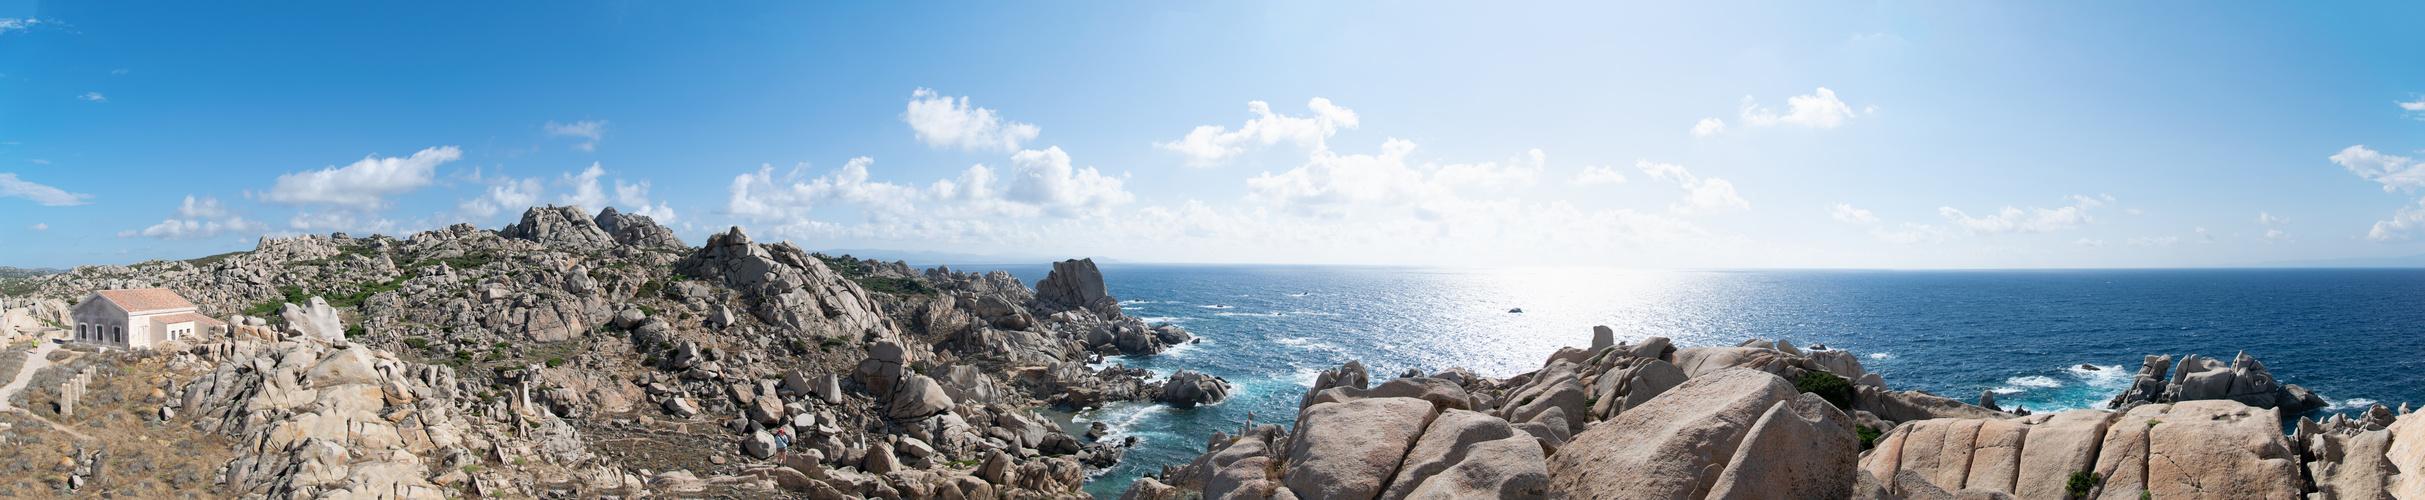 Panorama Capo Testa Sardinien